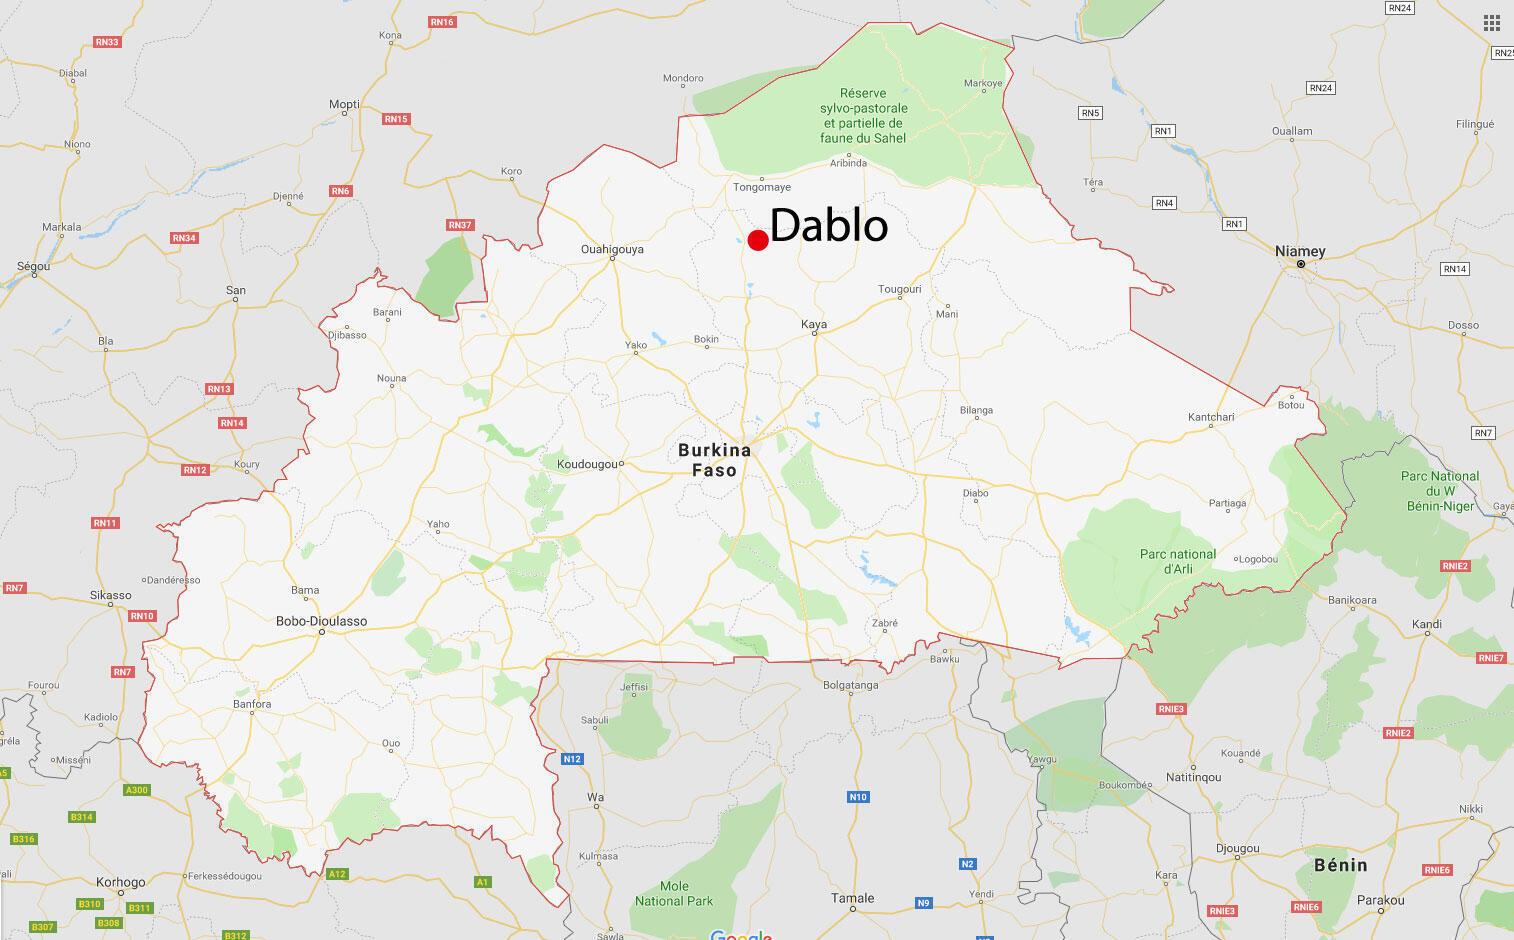 Dablo est situé à 90 kilomètres de Kaya.